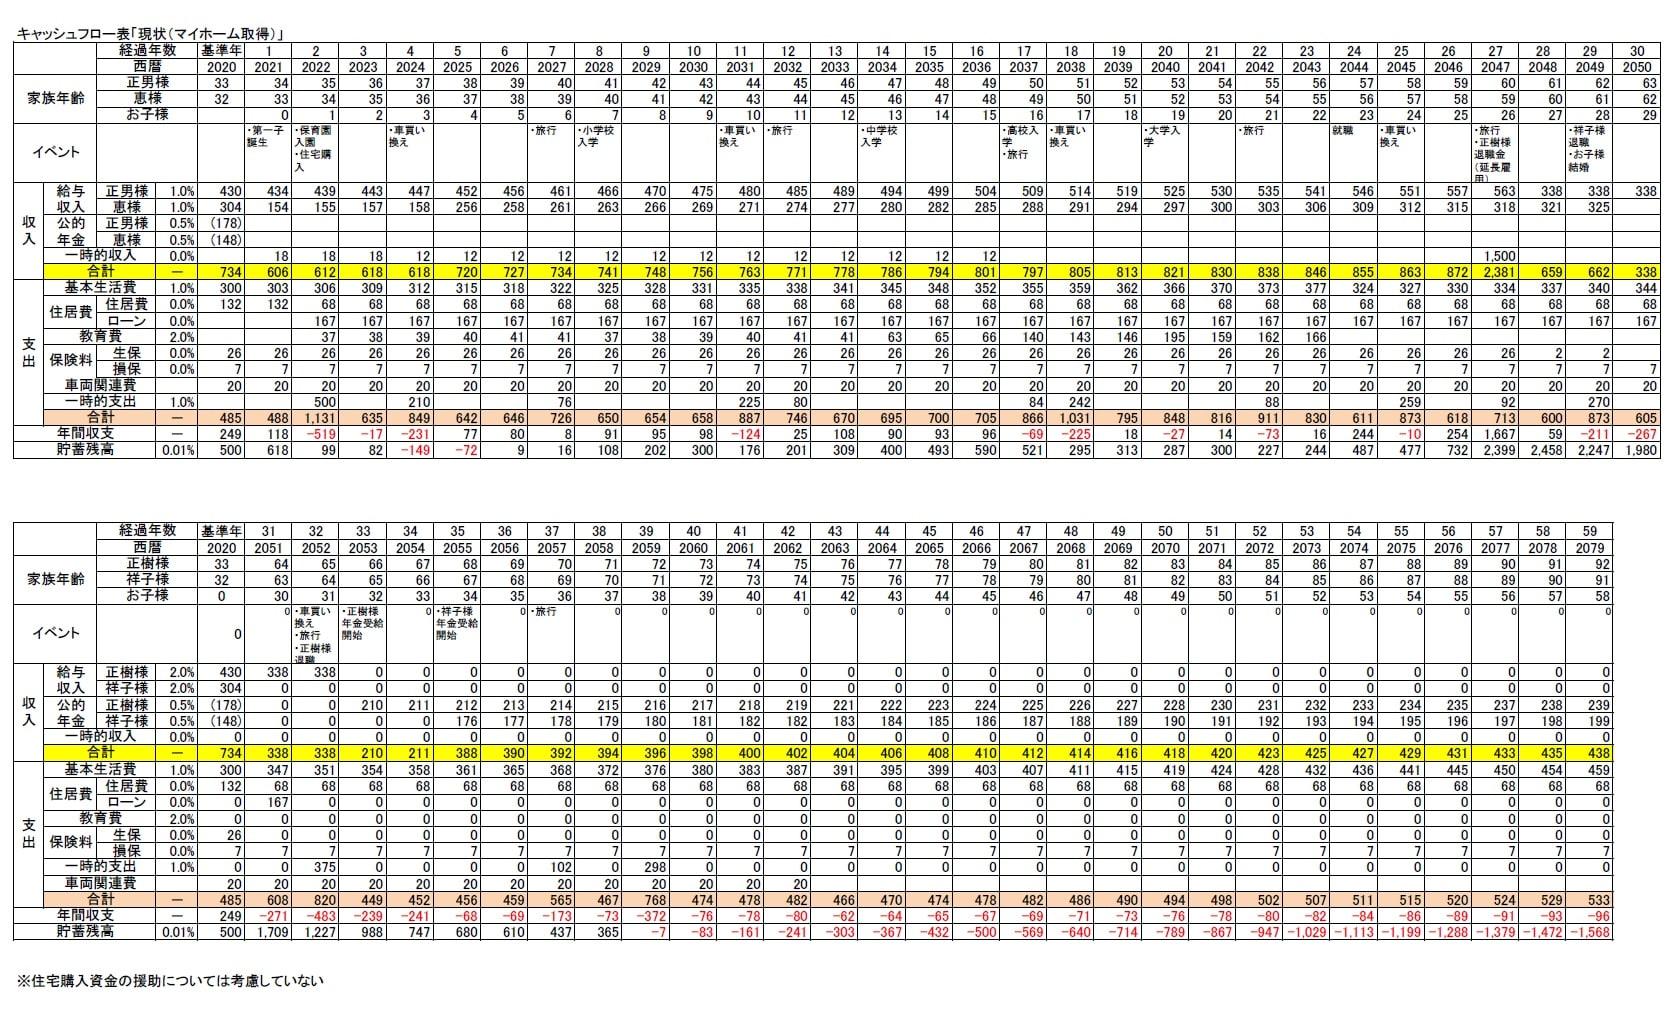 キャッシュフロー表の参考例